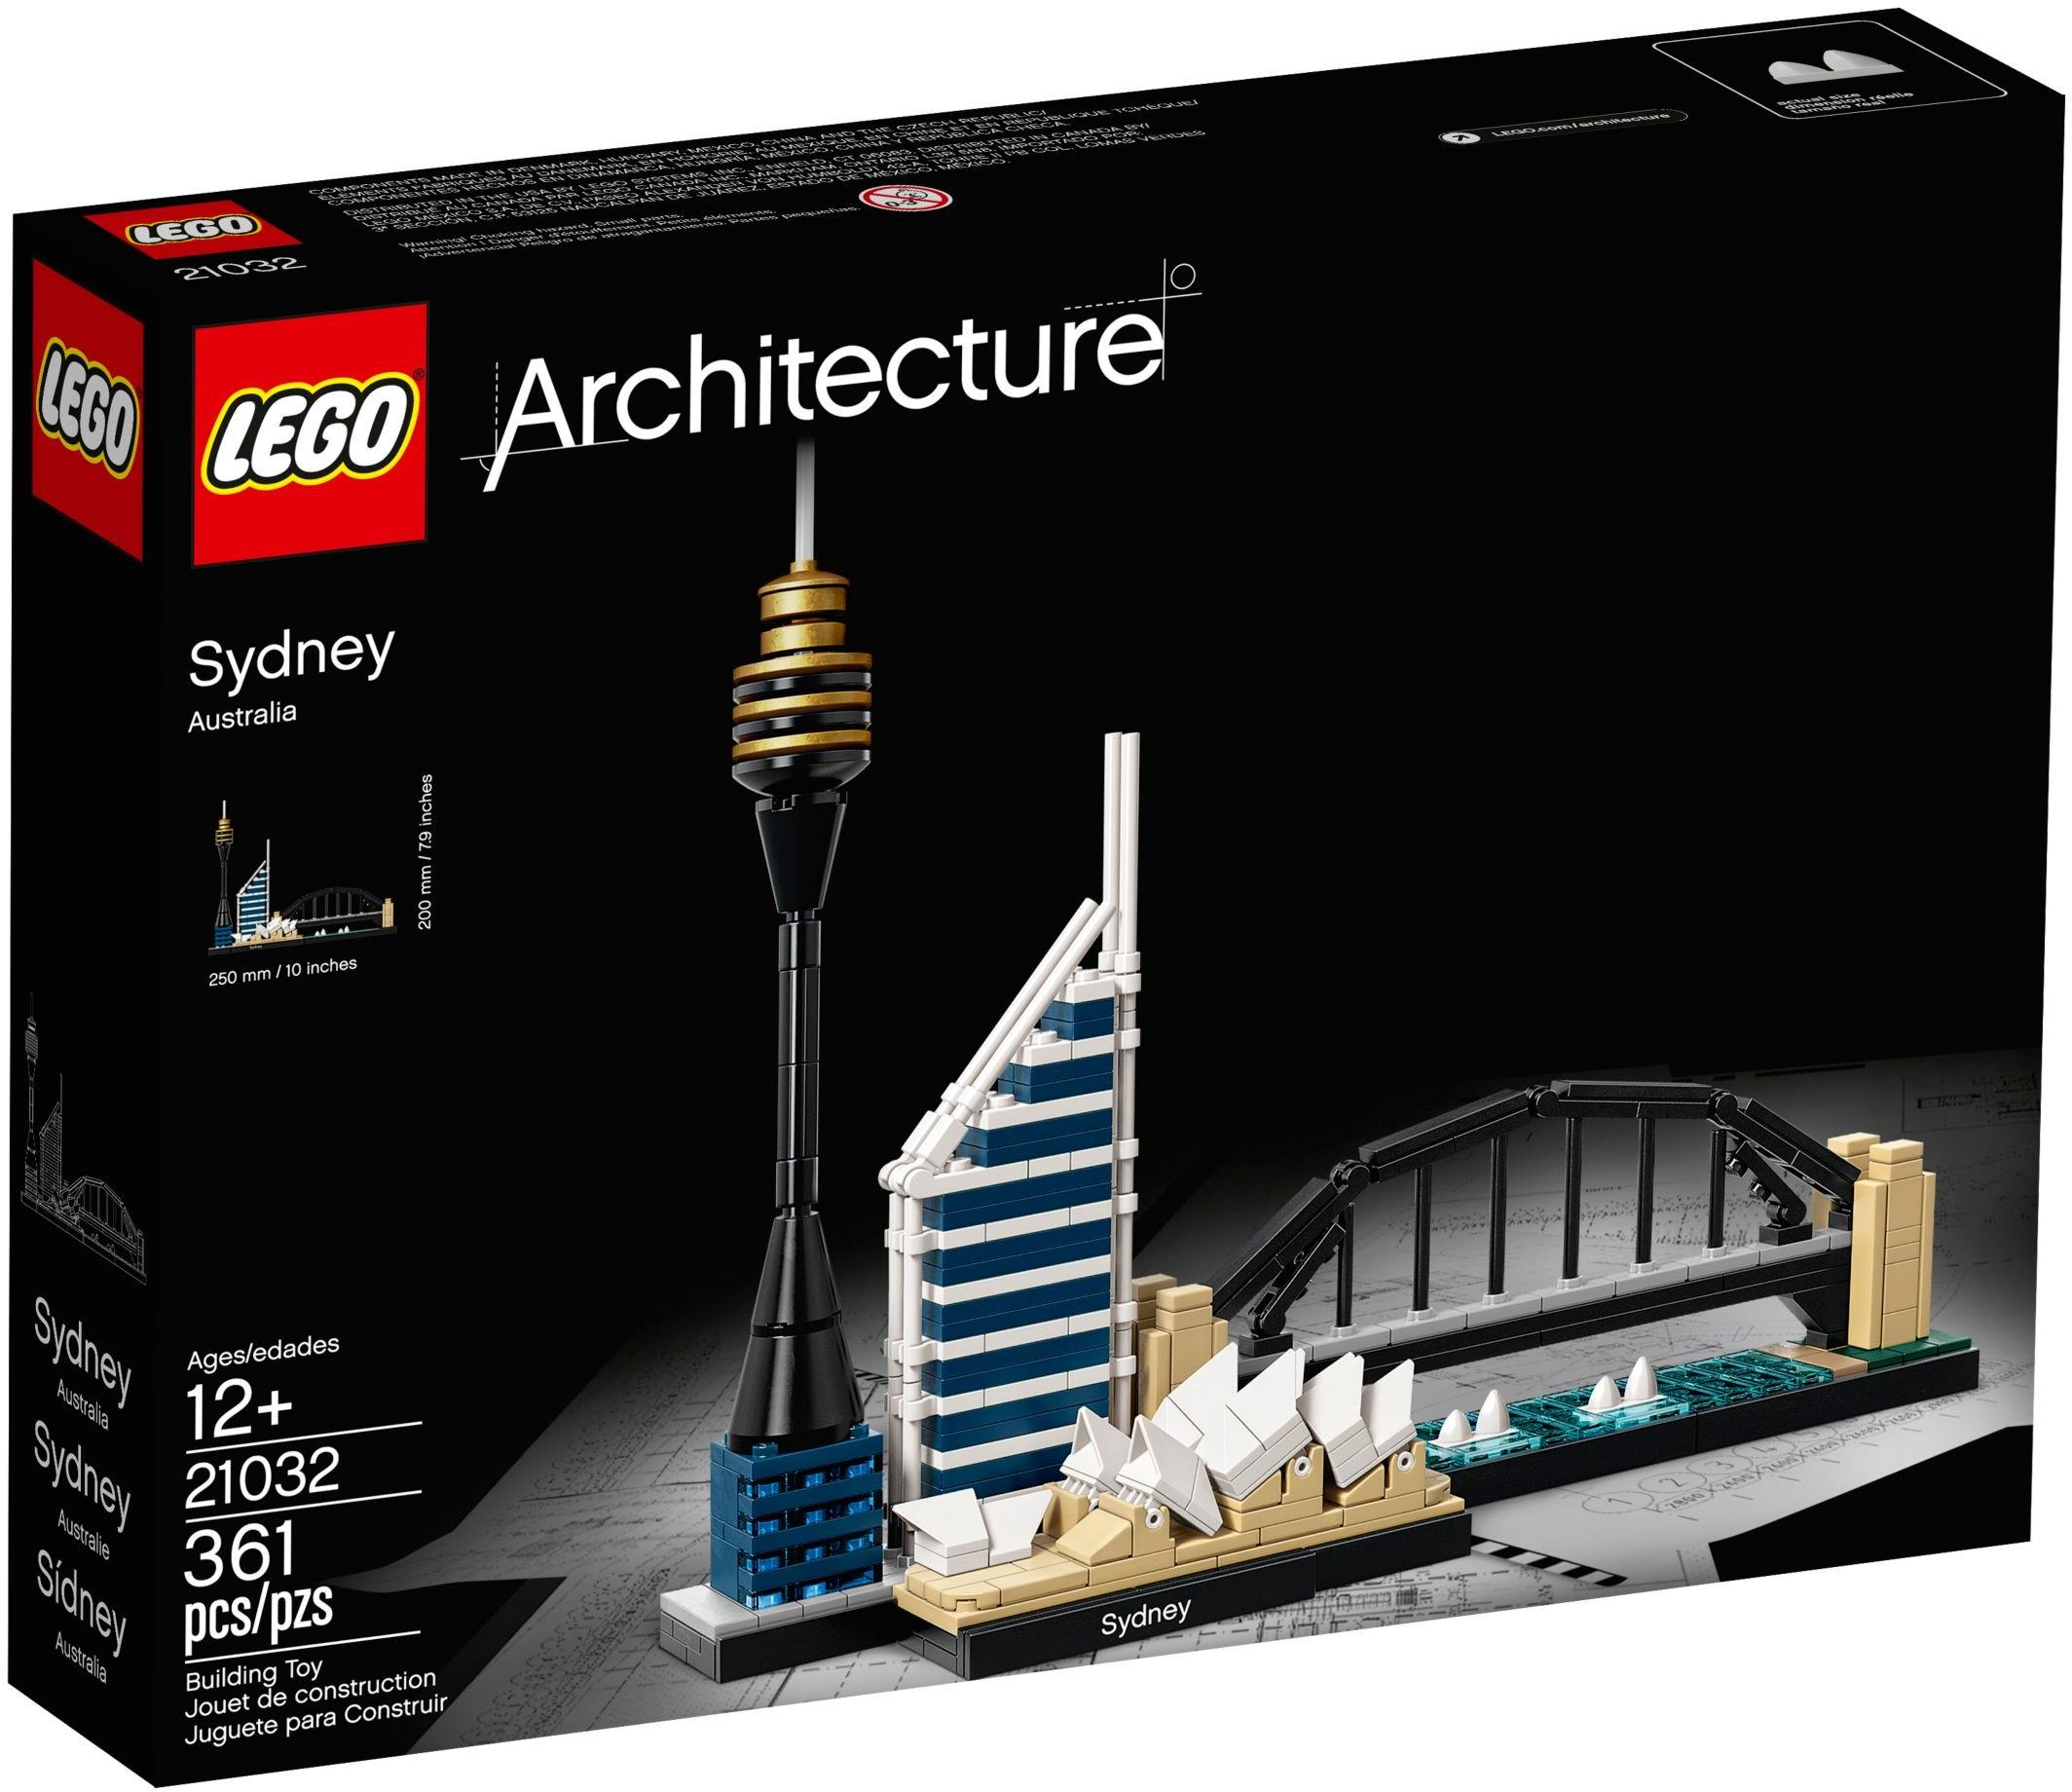 21032 Lego® Sydney Sydney Architecture Lego® D2bH9YeWEI